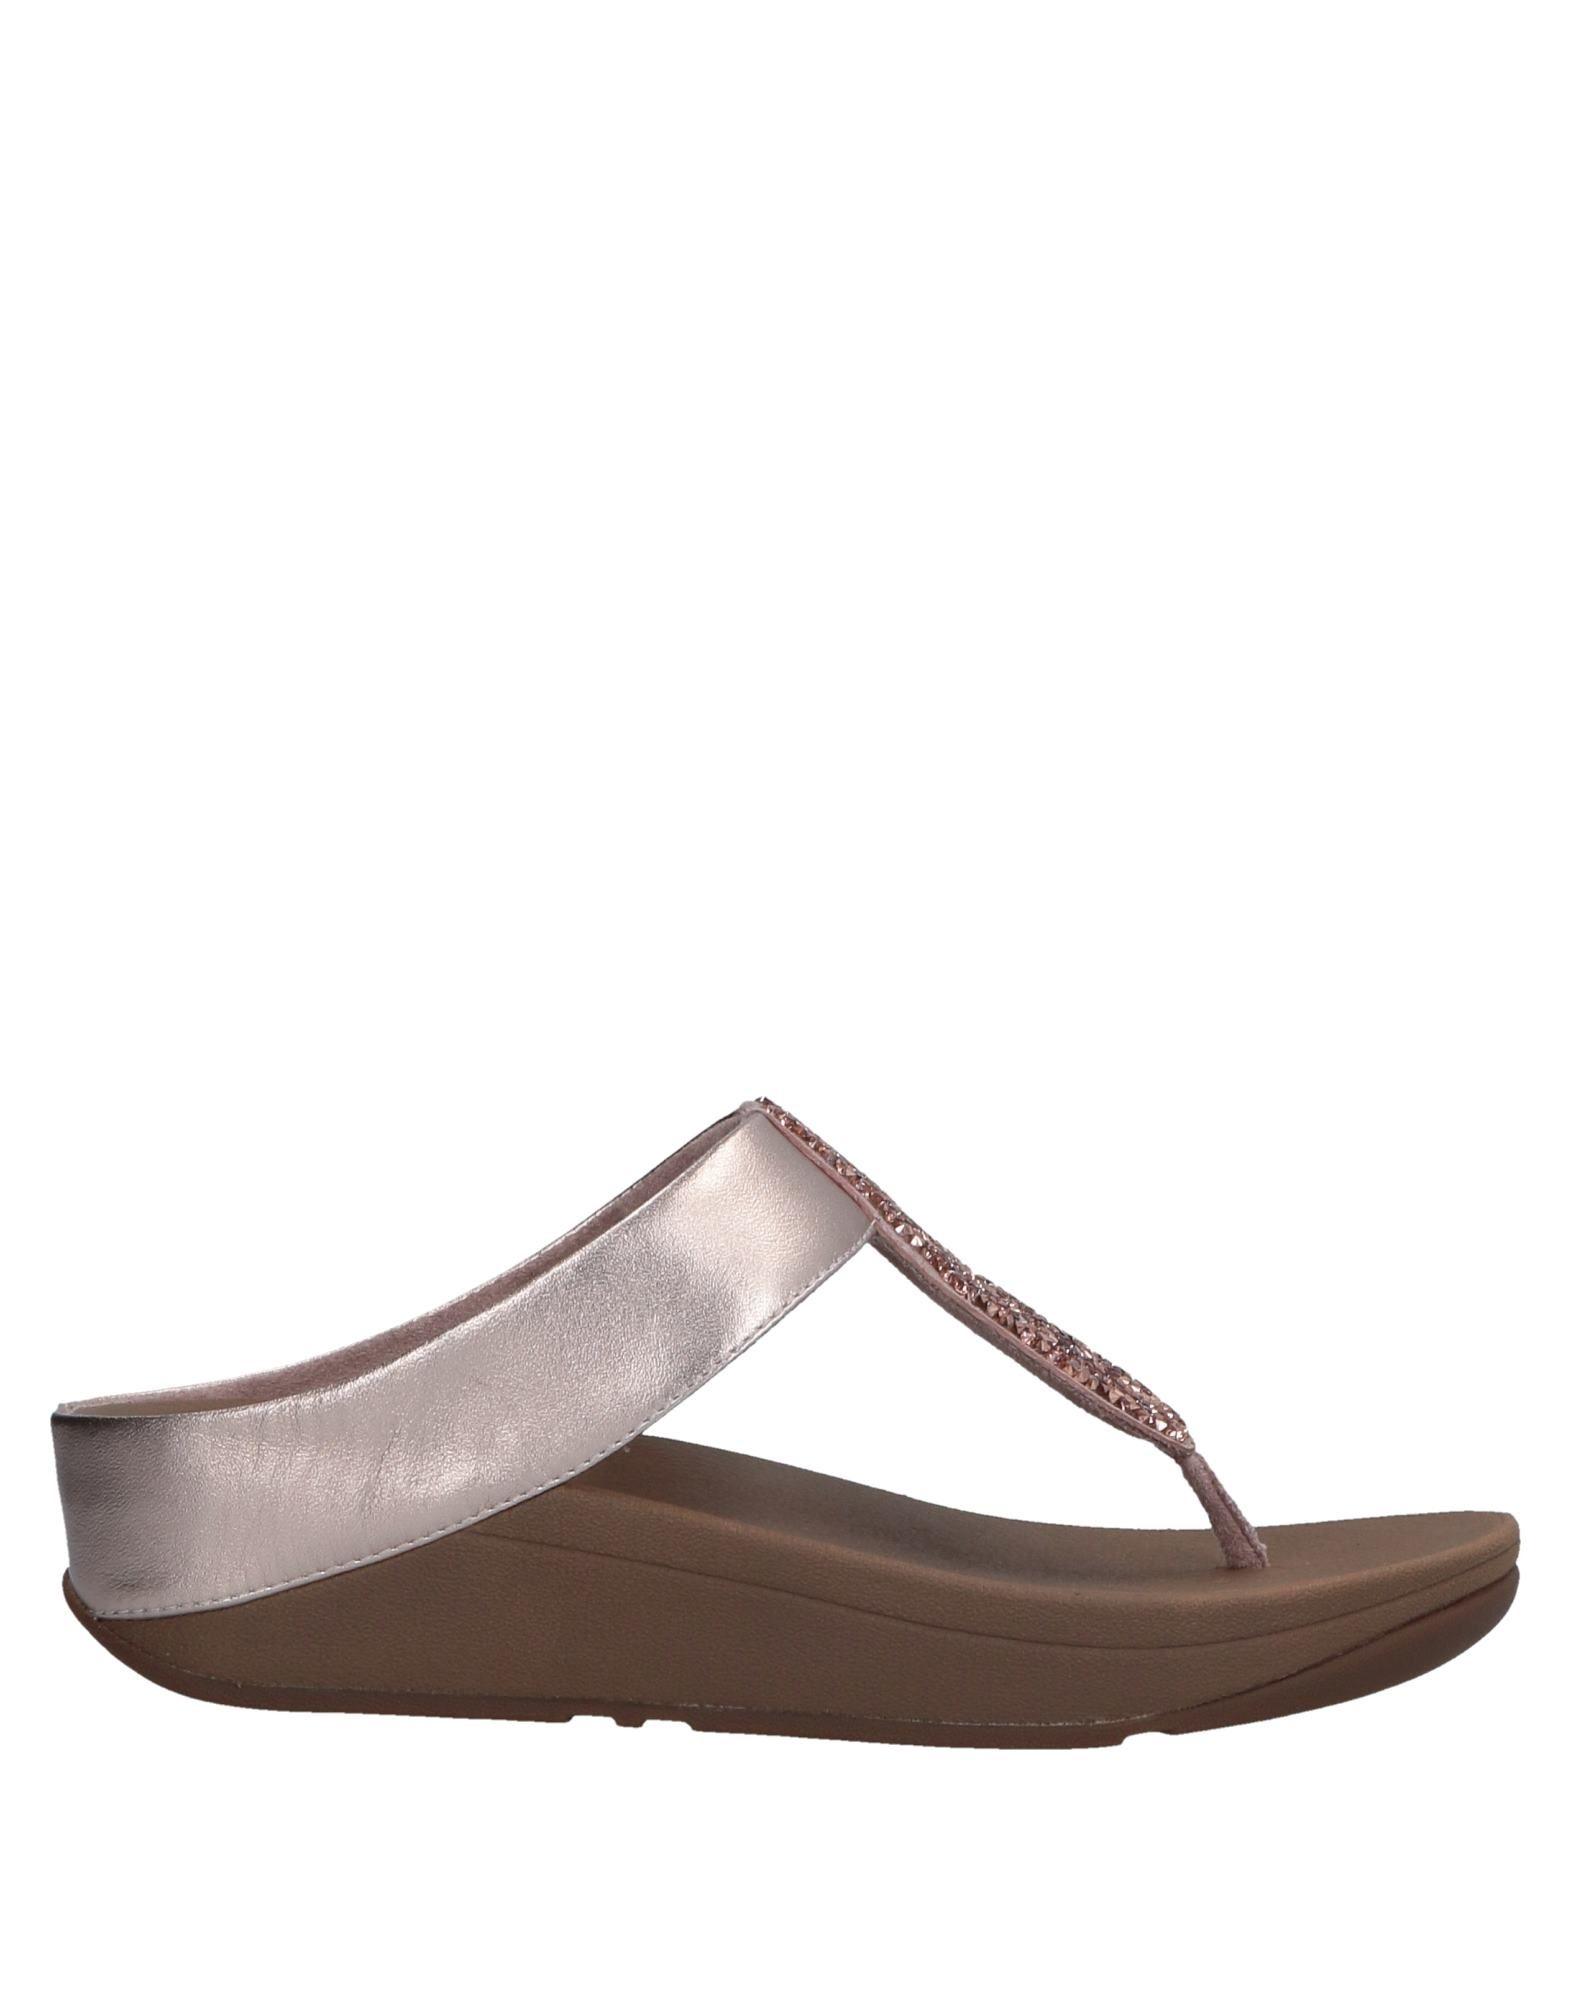 Fitflop Flip Flops - Women Fitflop  Flip Flops online on  Fitflop United Kingdom - 11575678JB 7d4b3d